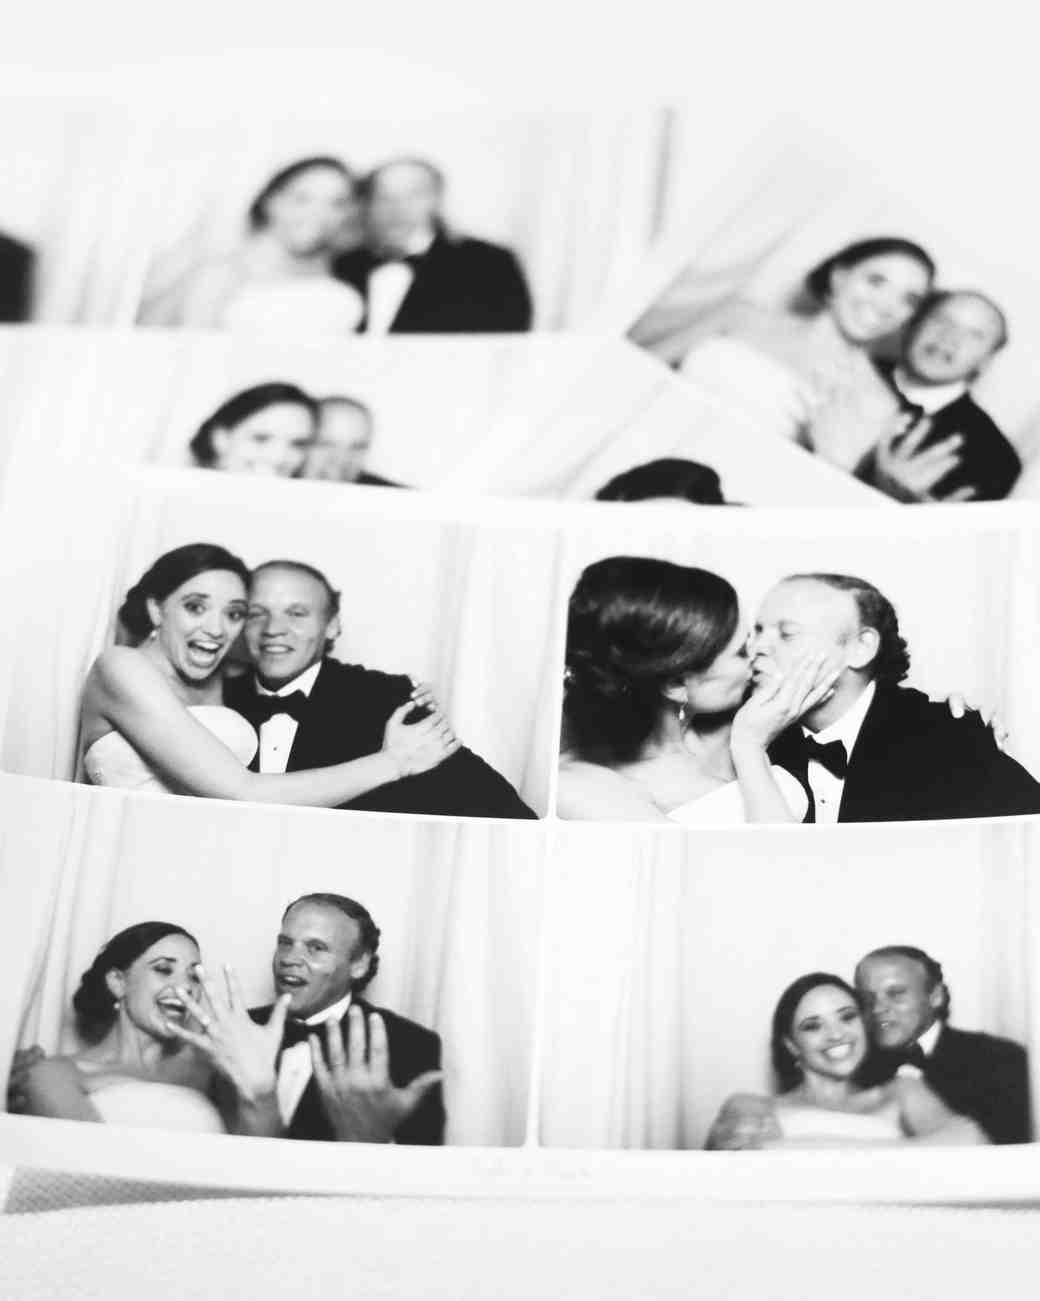 bride-groom-photobooth-bw-26128eg5u3997-2902112183-o-mwds110788.jpg